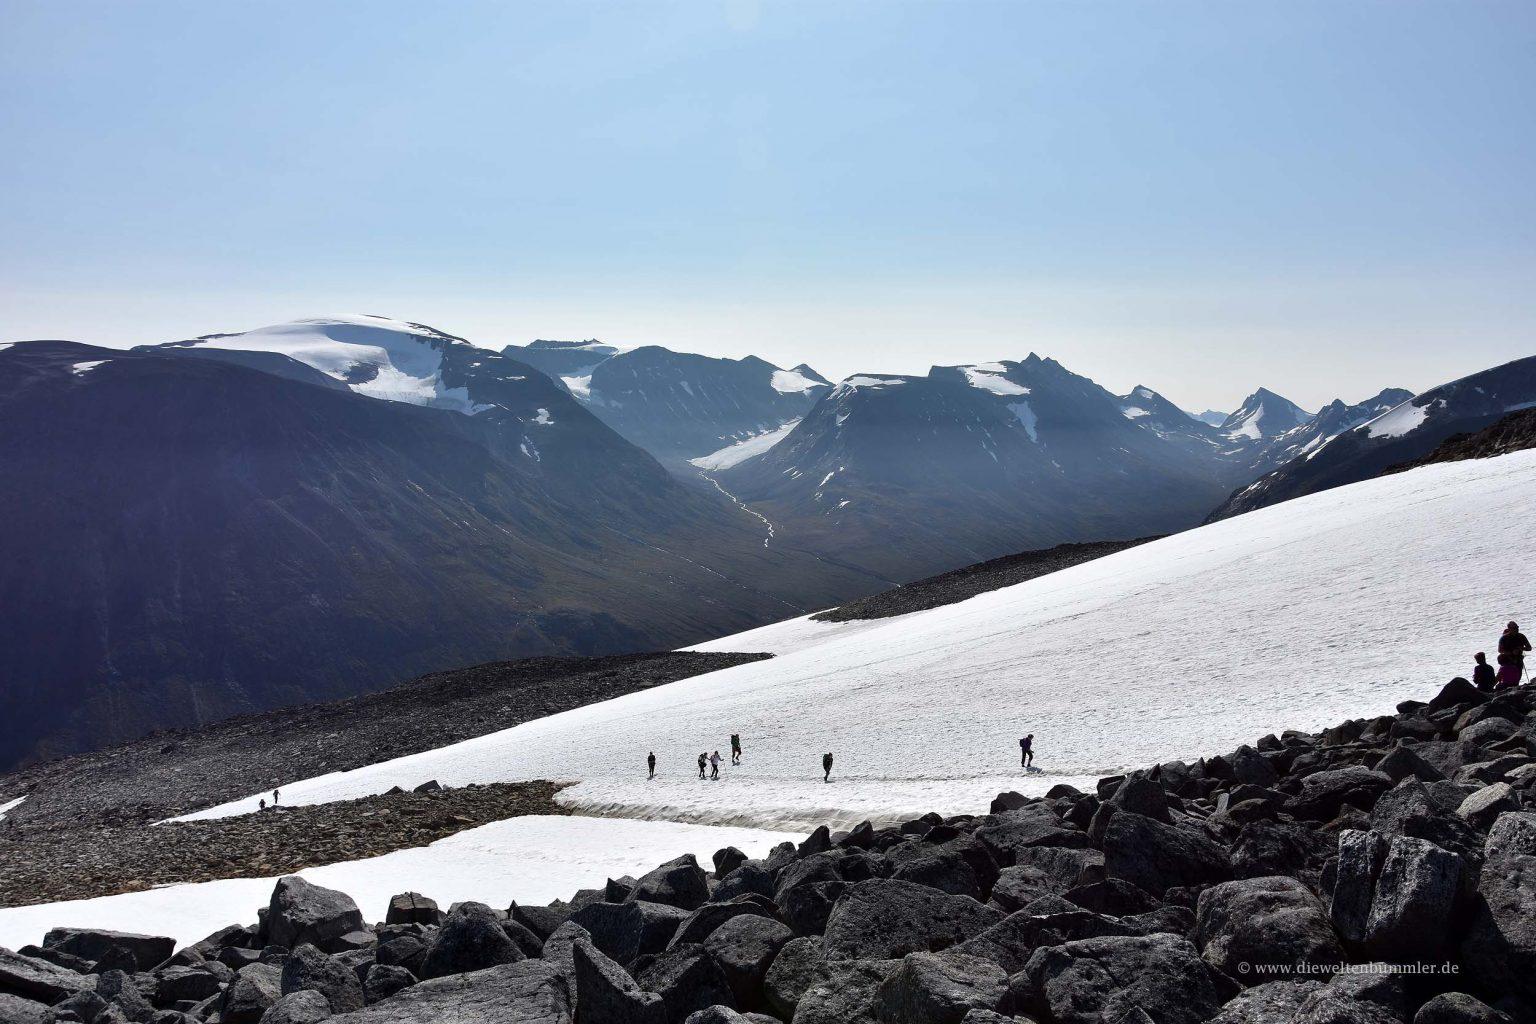 Wandern auf dem Eisfeld